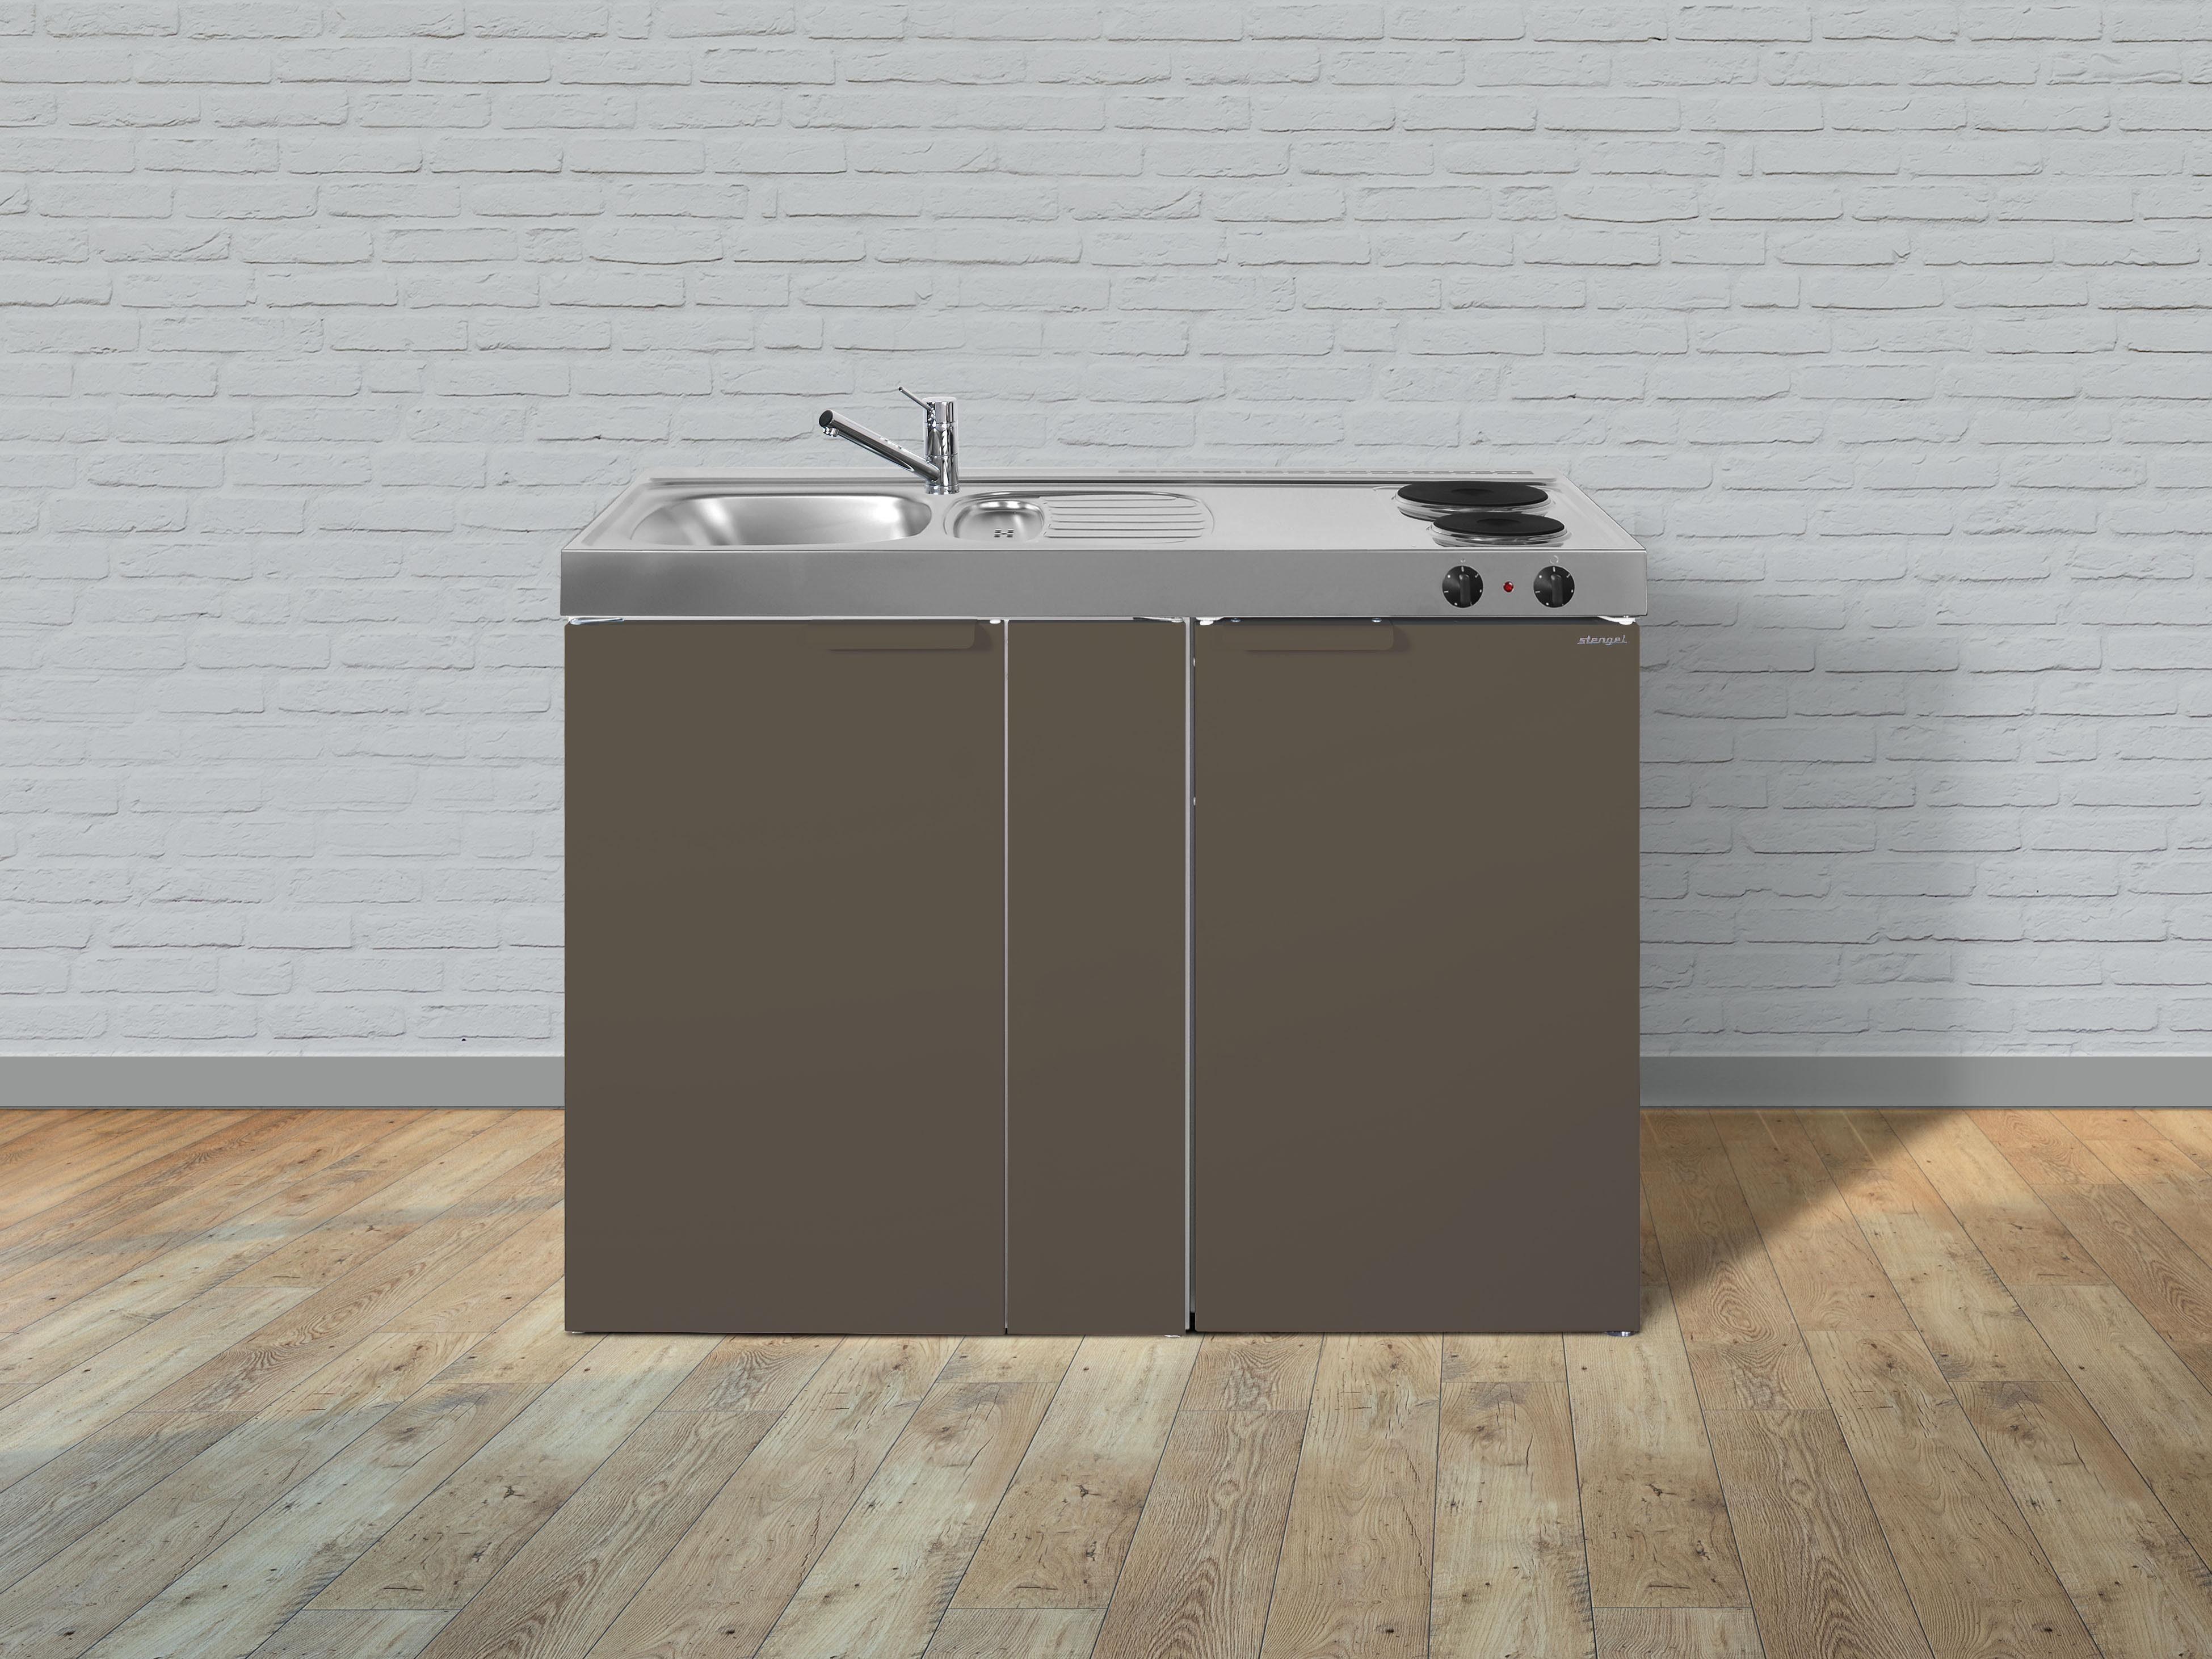 Mini Kühlschrank Mit Gefrierfach Otto : Stengel metall miniküche kitchenline mk kühlschrank